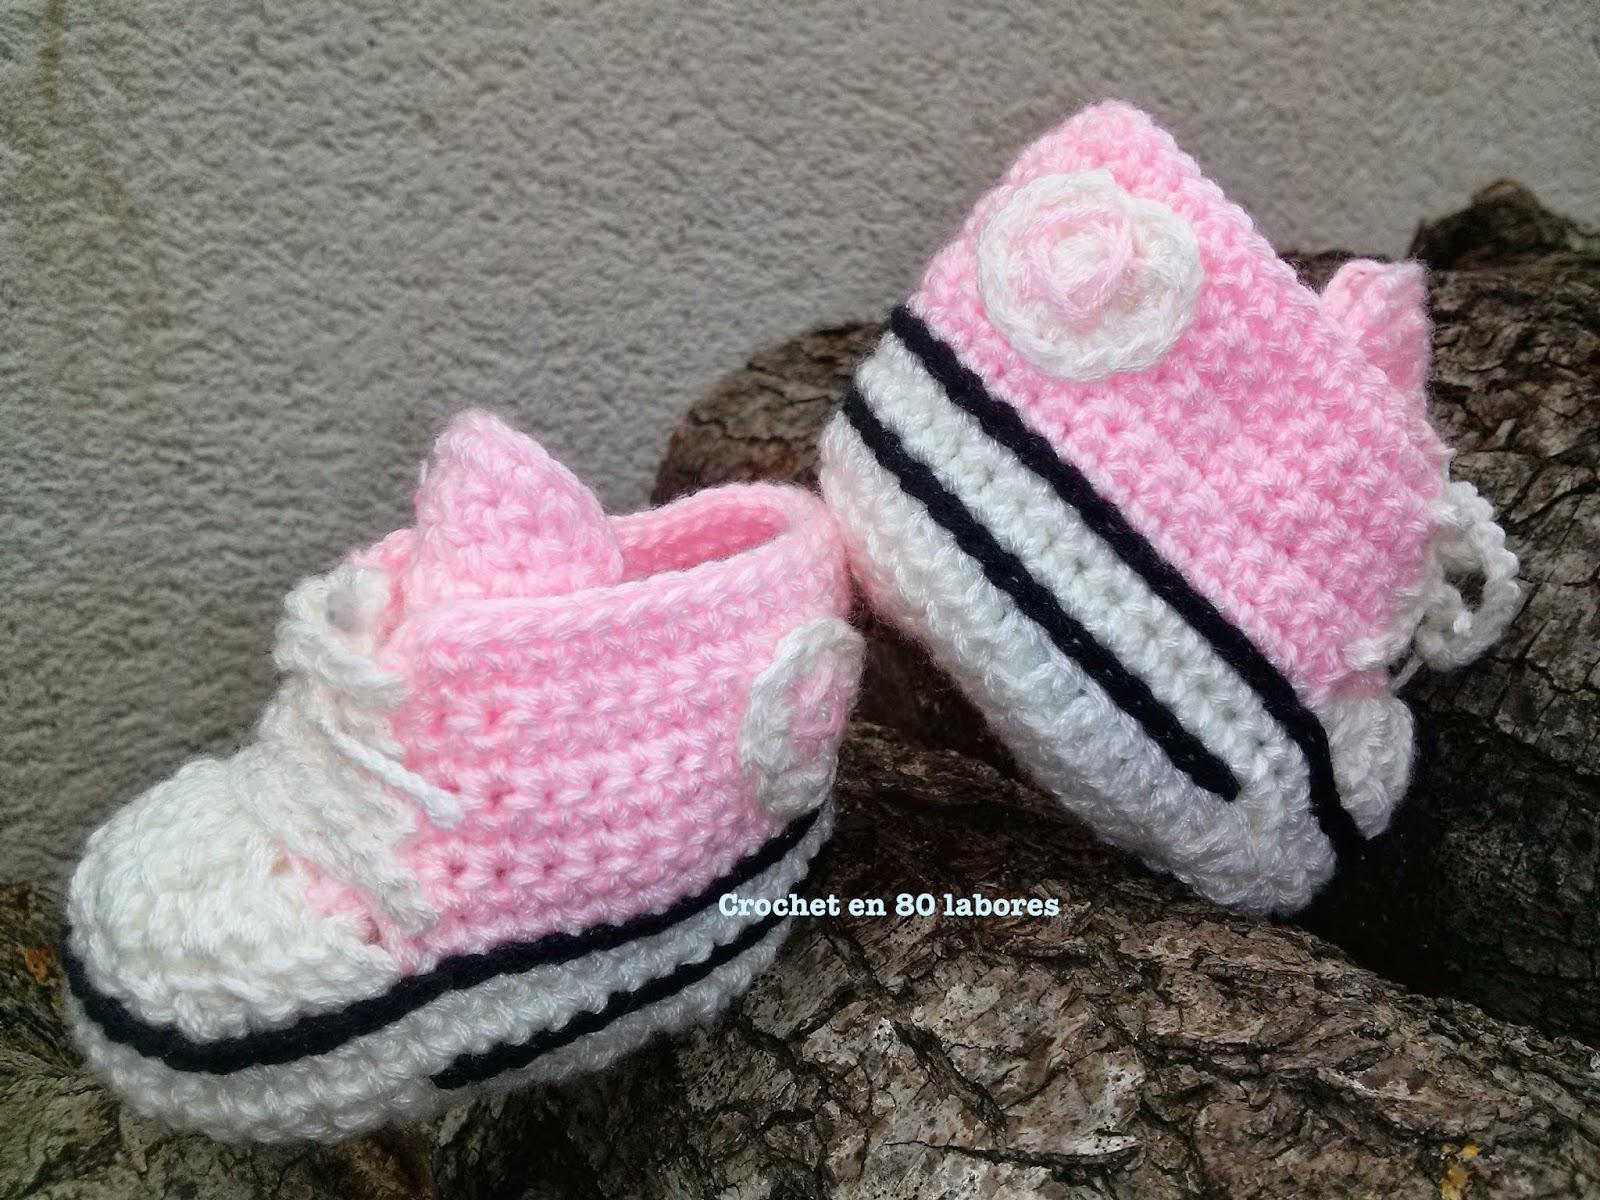 Crochet en 80 labores mi versi n de las botitas converse - Labores de crochet para bebes ...